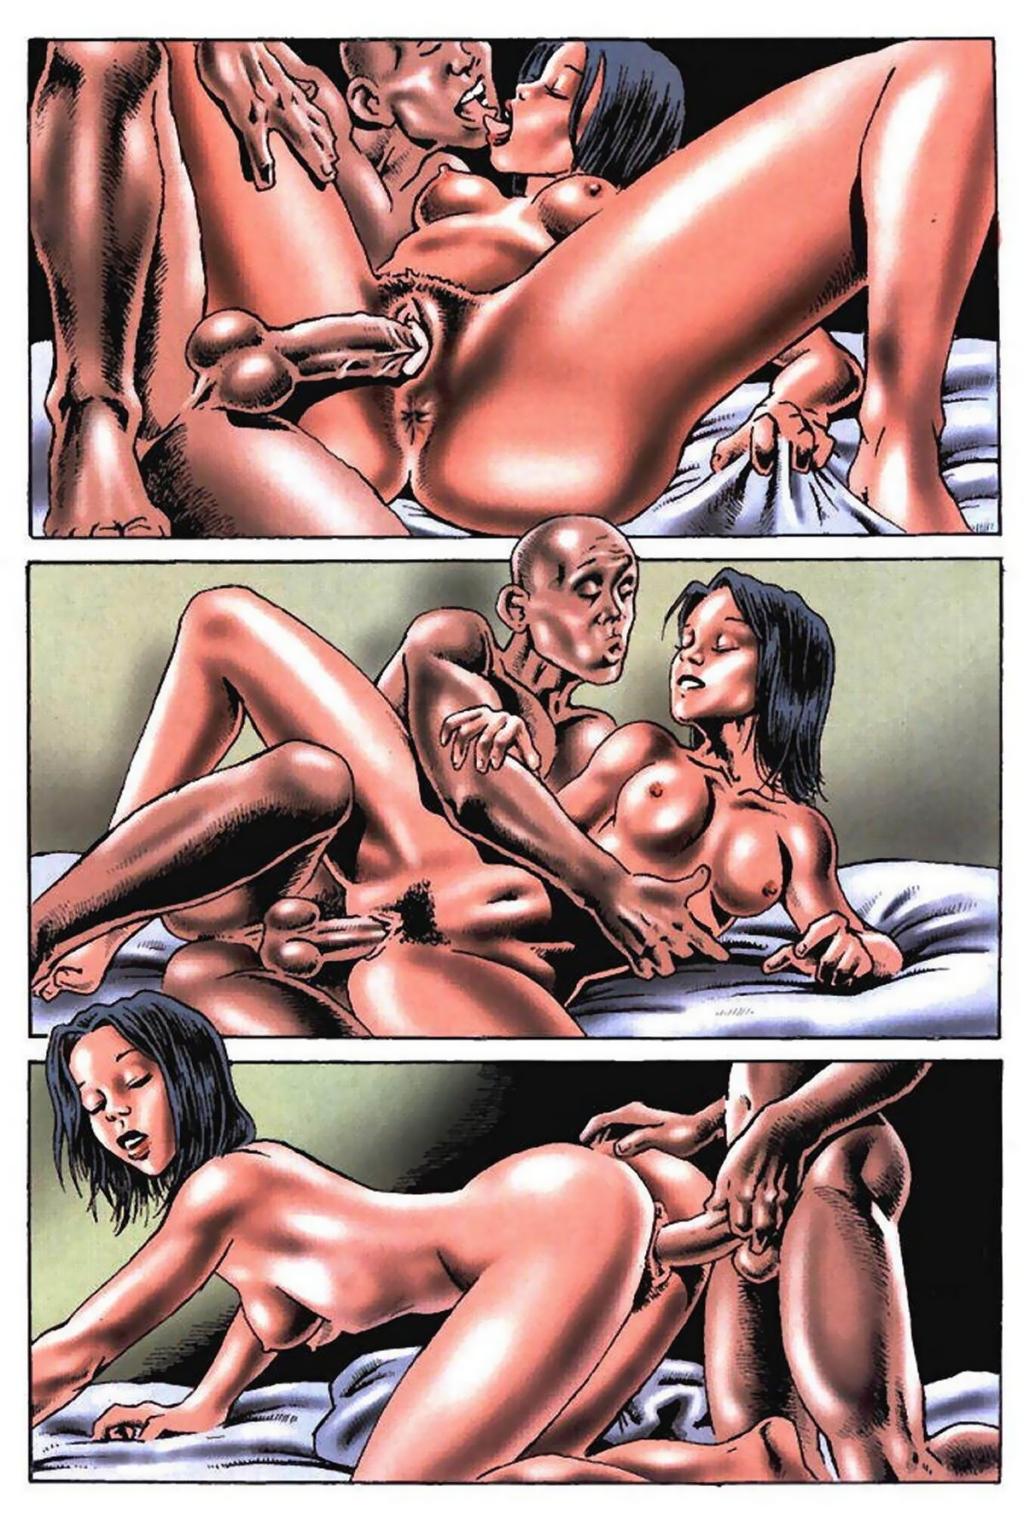 pictures-comics-erotic-porn